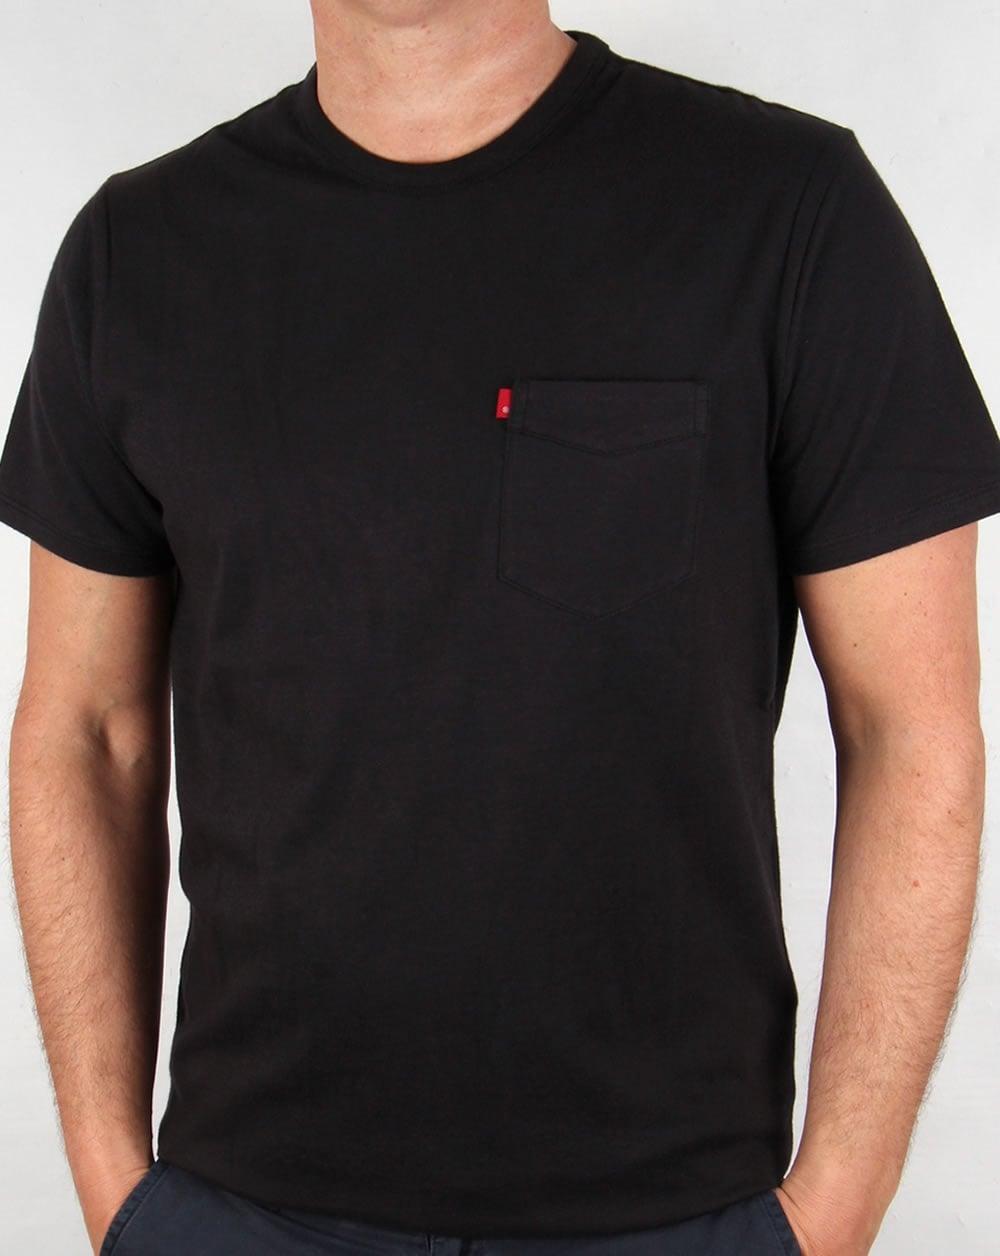 offrire varietà di design materiali di alta qualità Levis Sunset Pocket T-shirt Black,originals,tee,mens